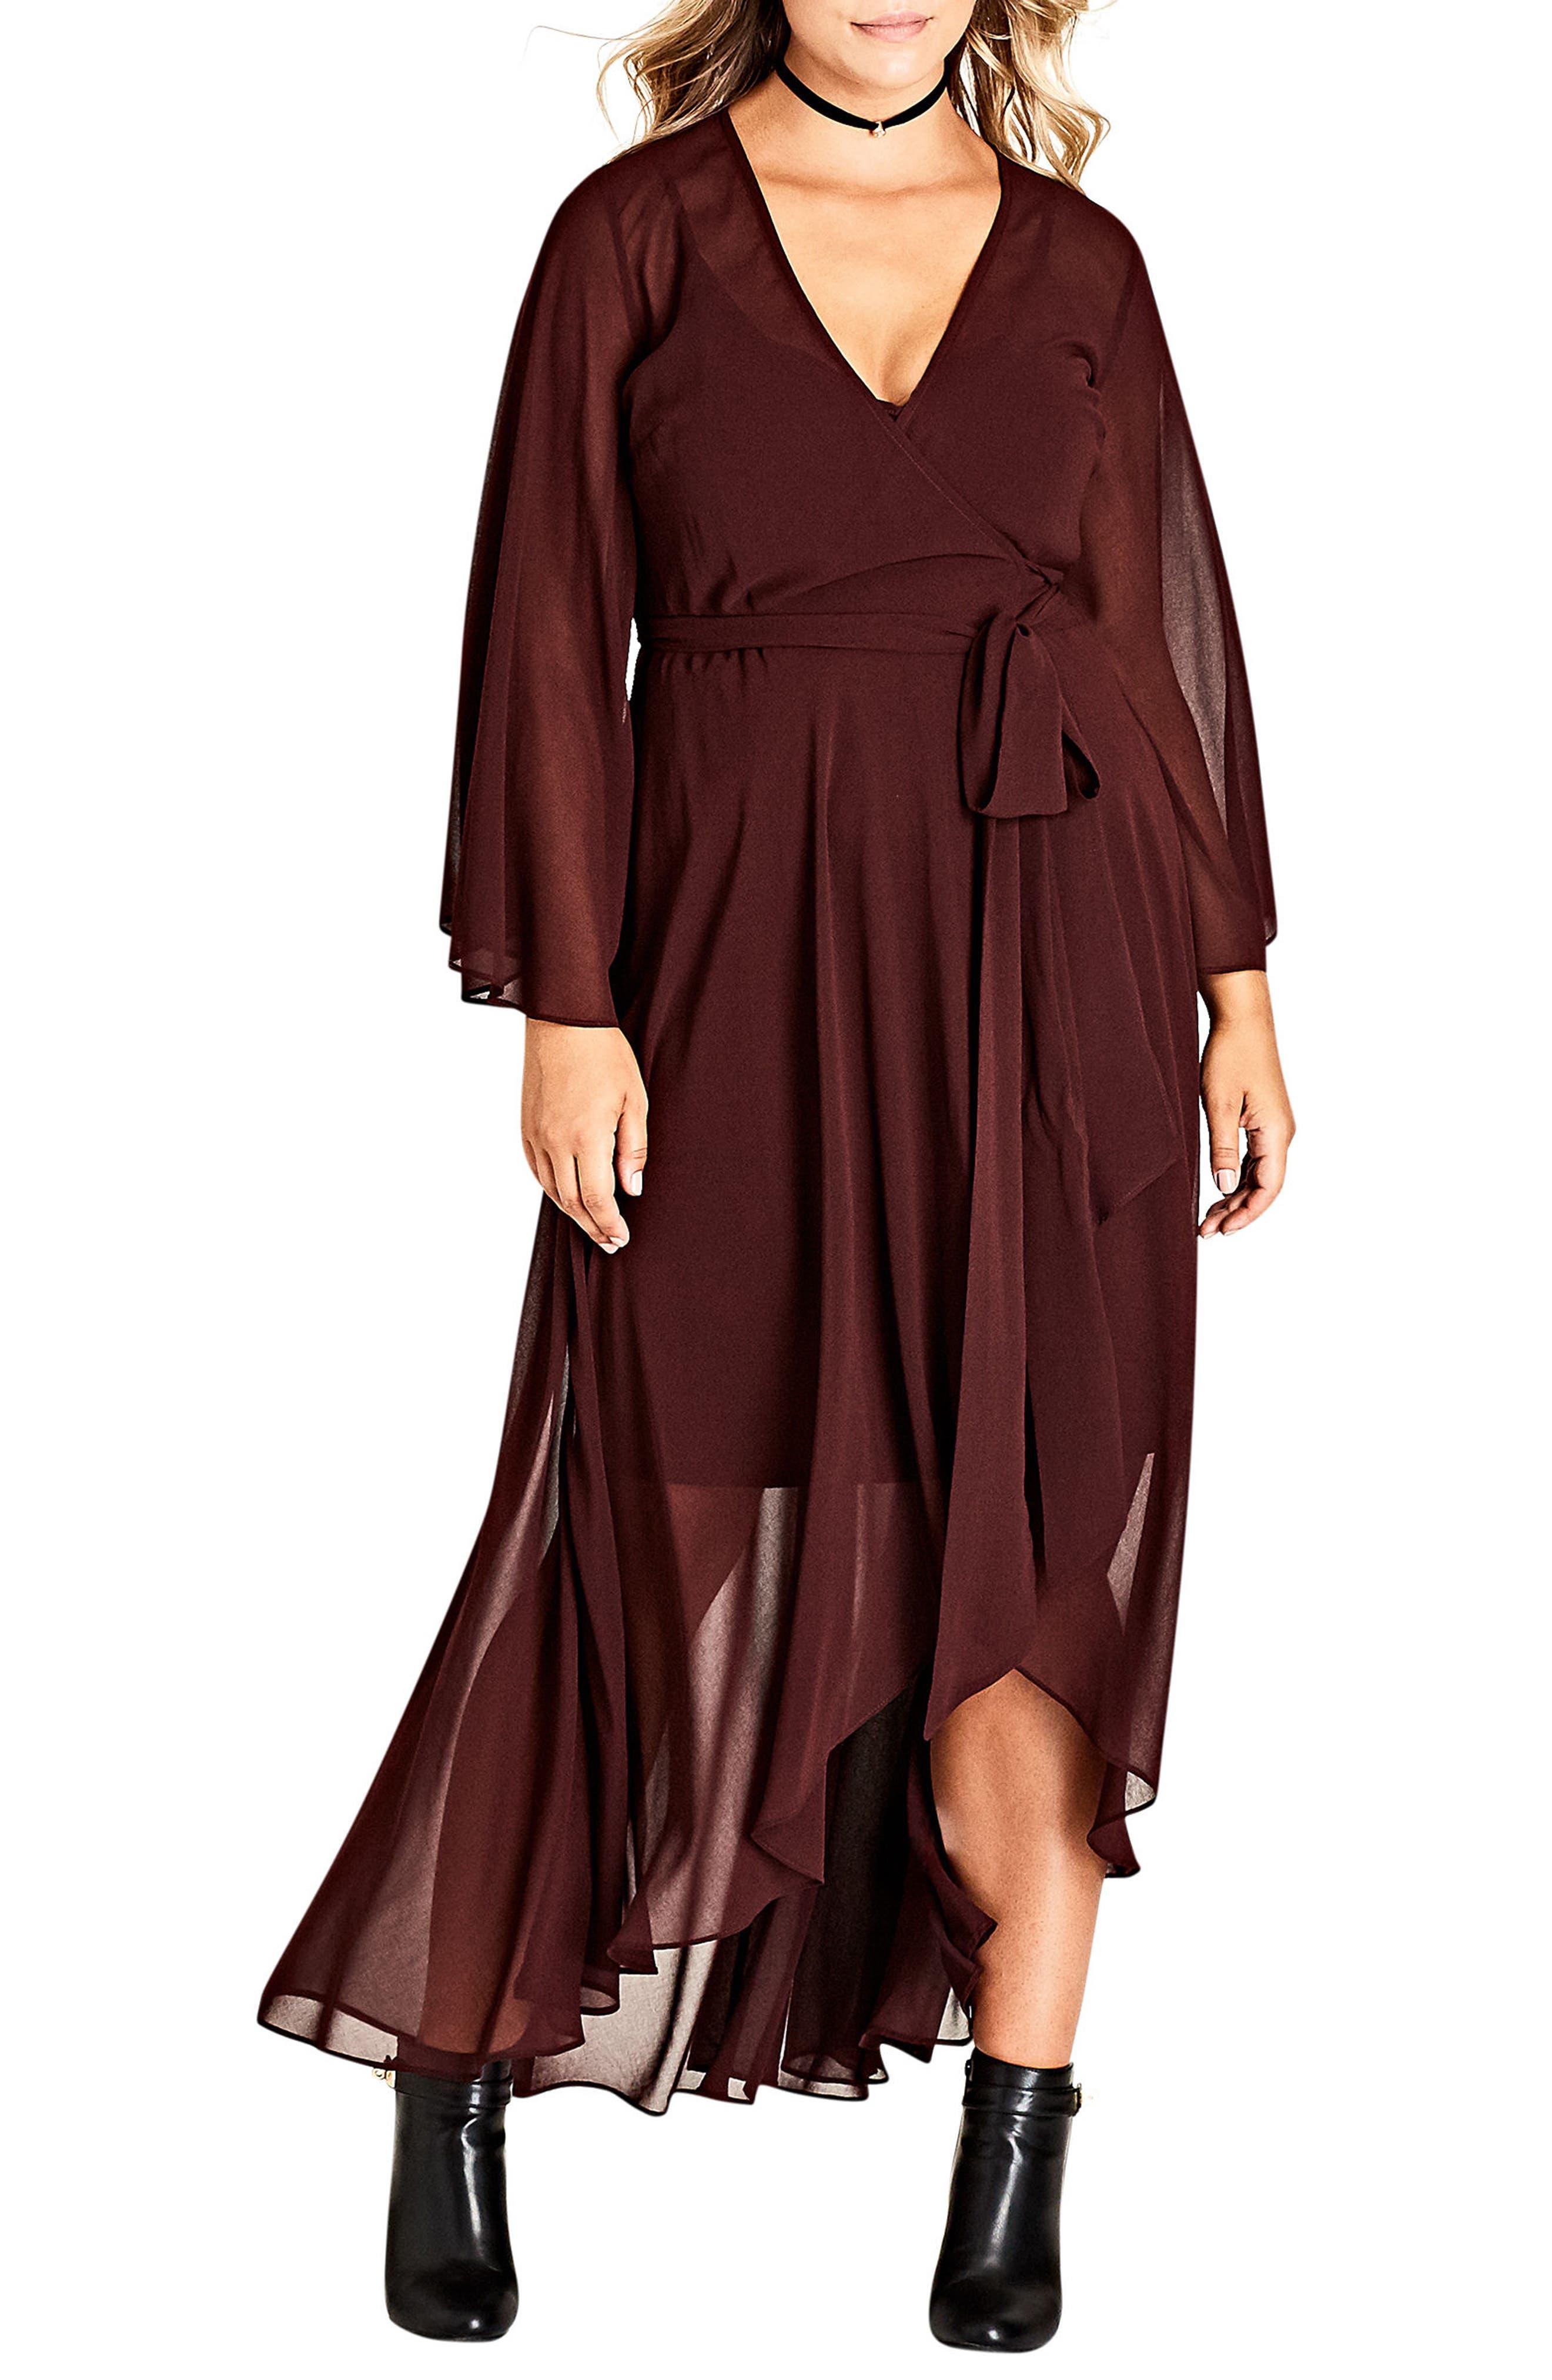 'Fleetwood' Maxi Dress,                             Main thumbnail 1, color,                             CLARET